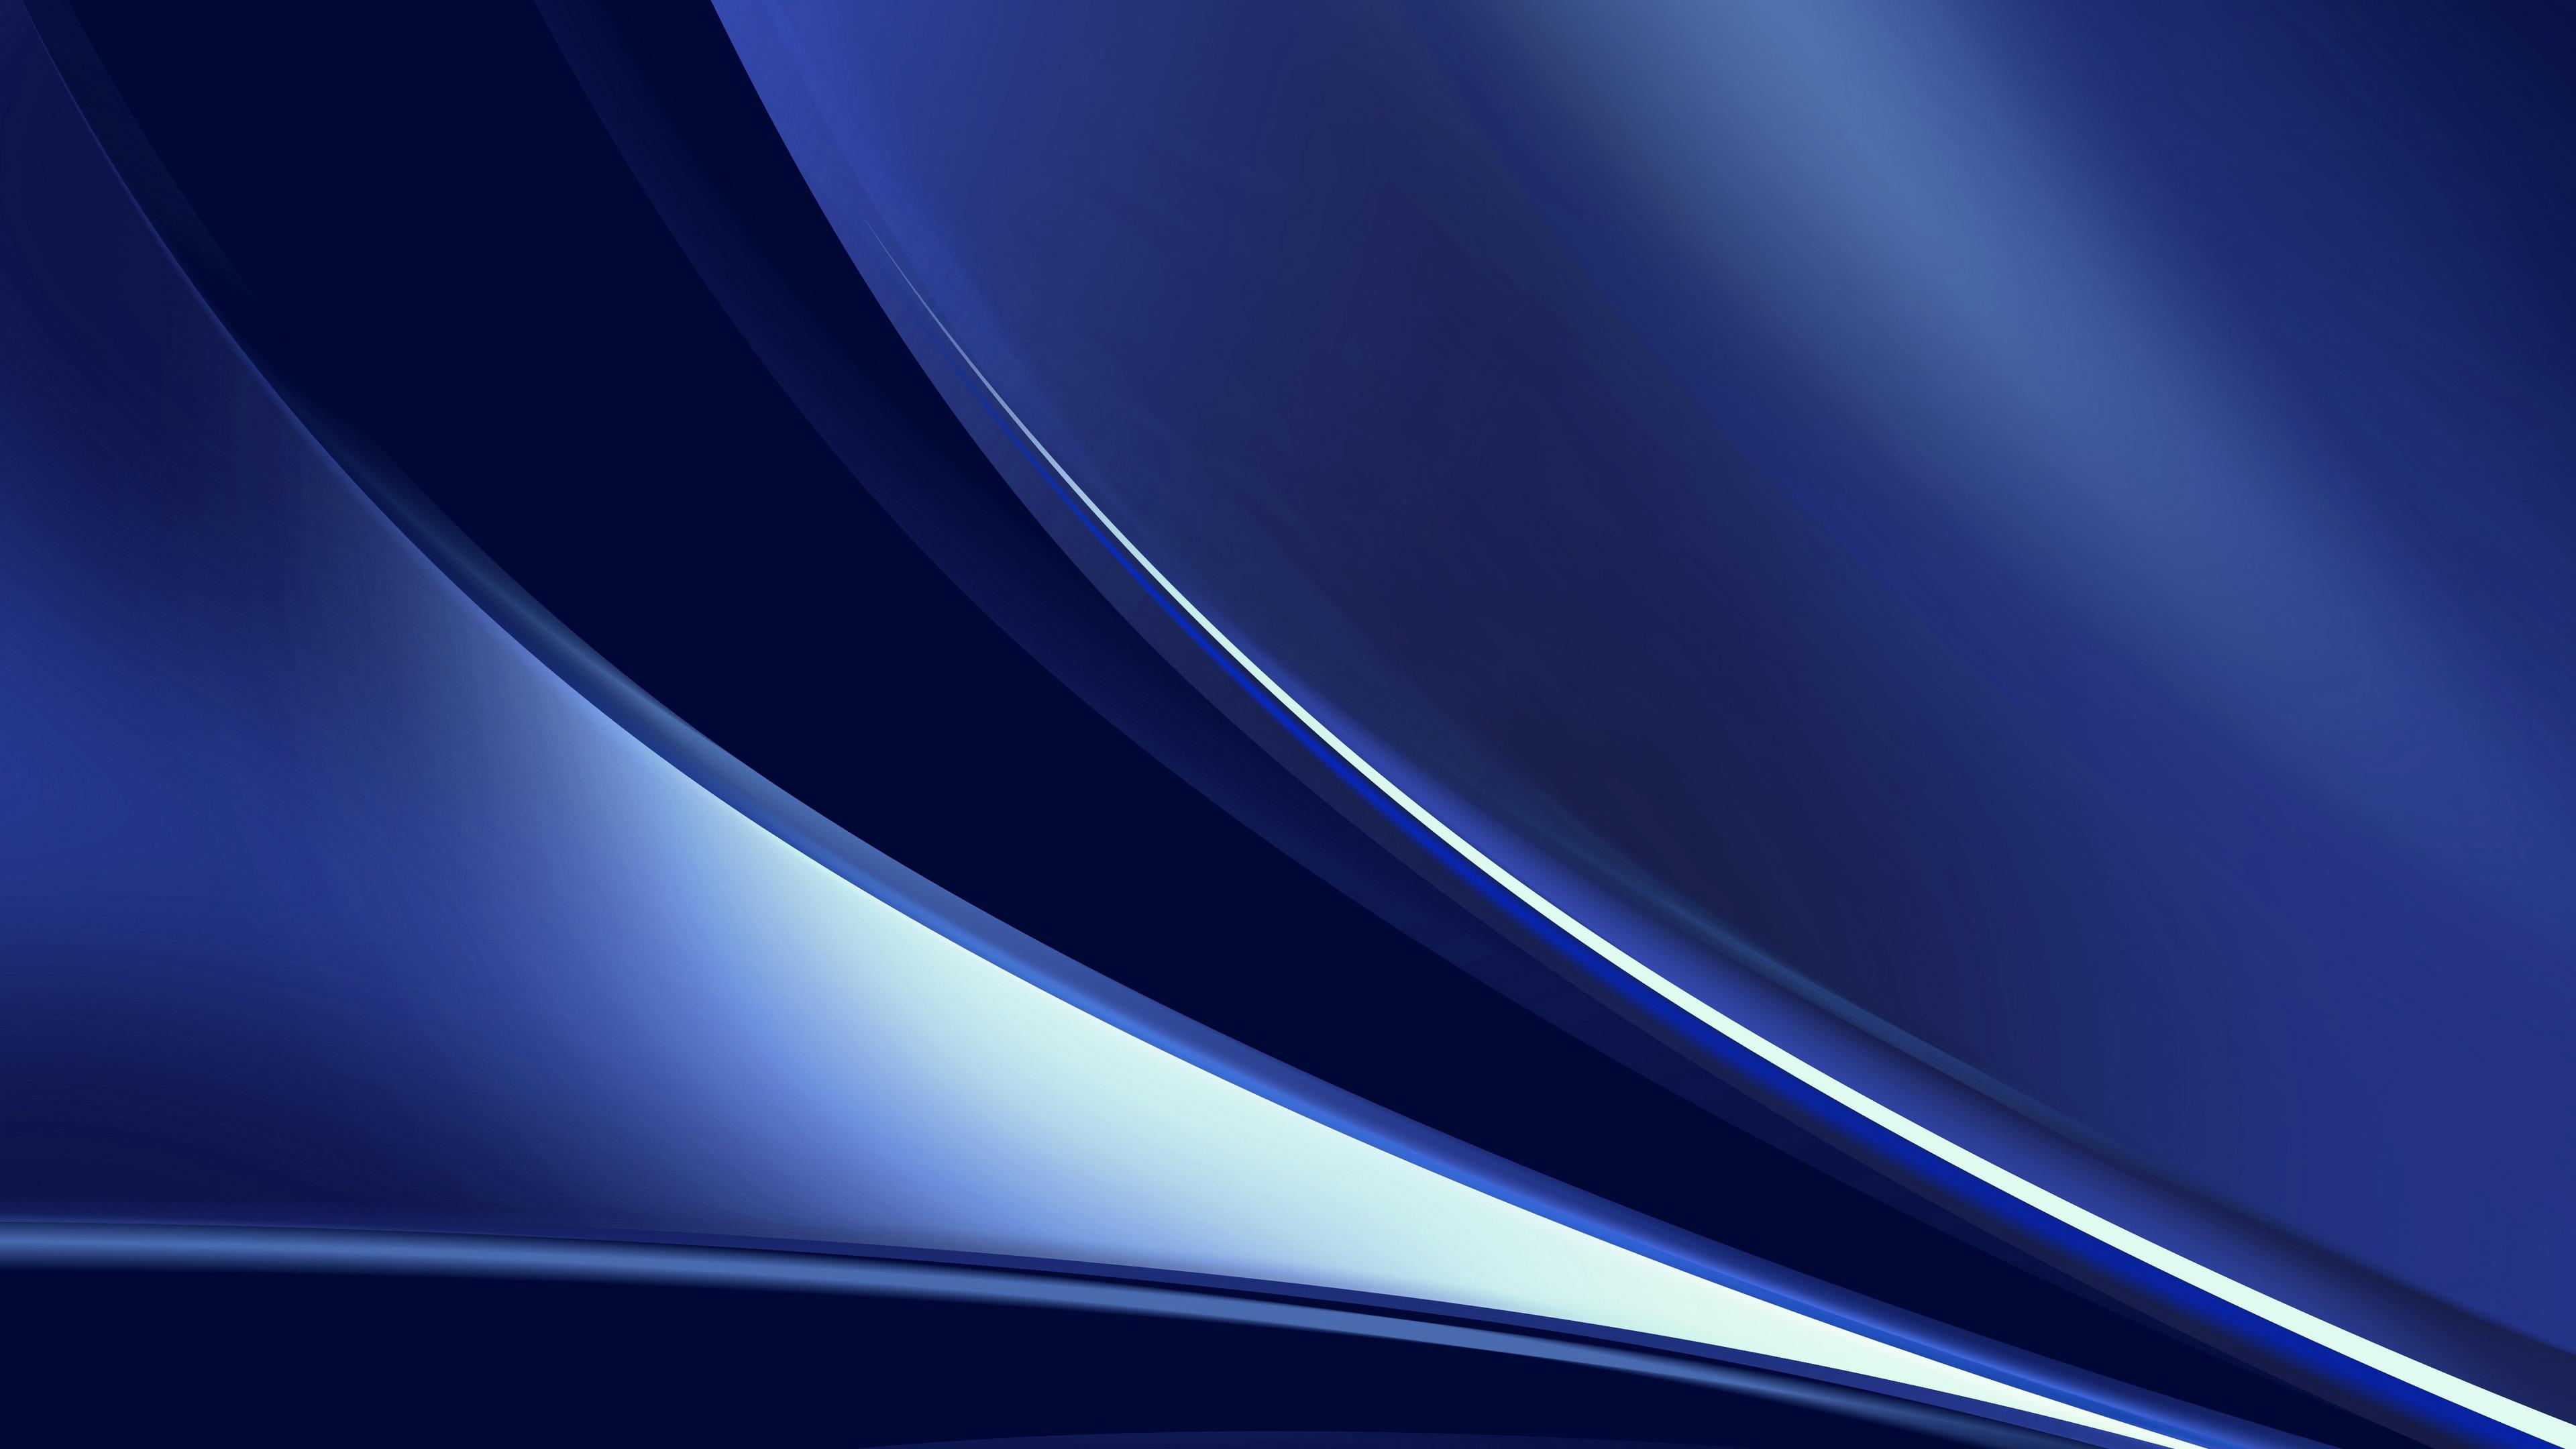 line shape surface smooth 4k 1539369937 - line, shape, surface, smooth 4k - Surface, shape, Line